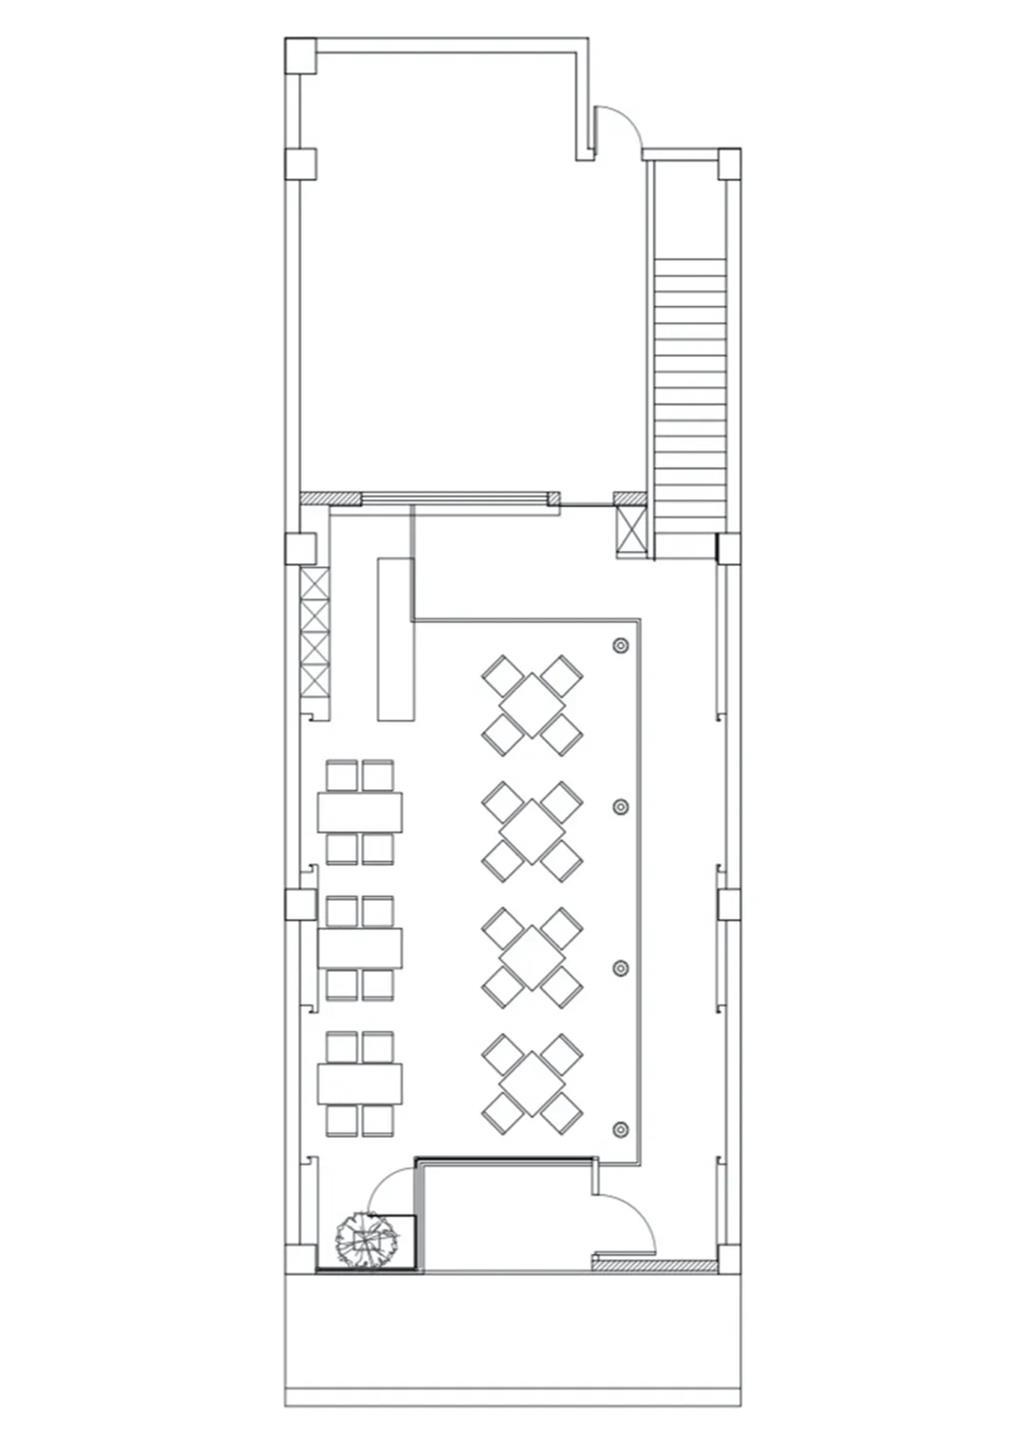 面馆一层平面方案设计